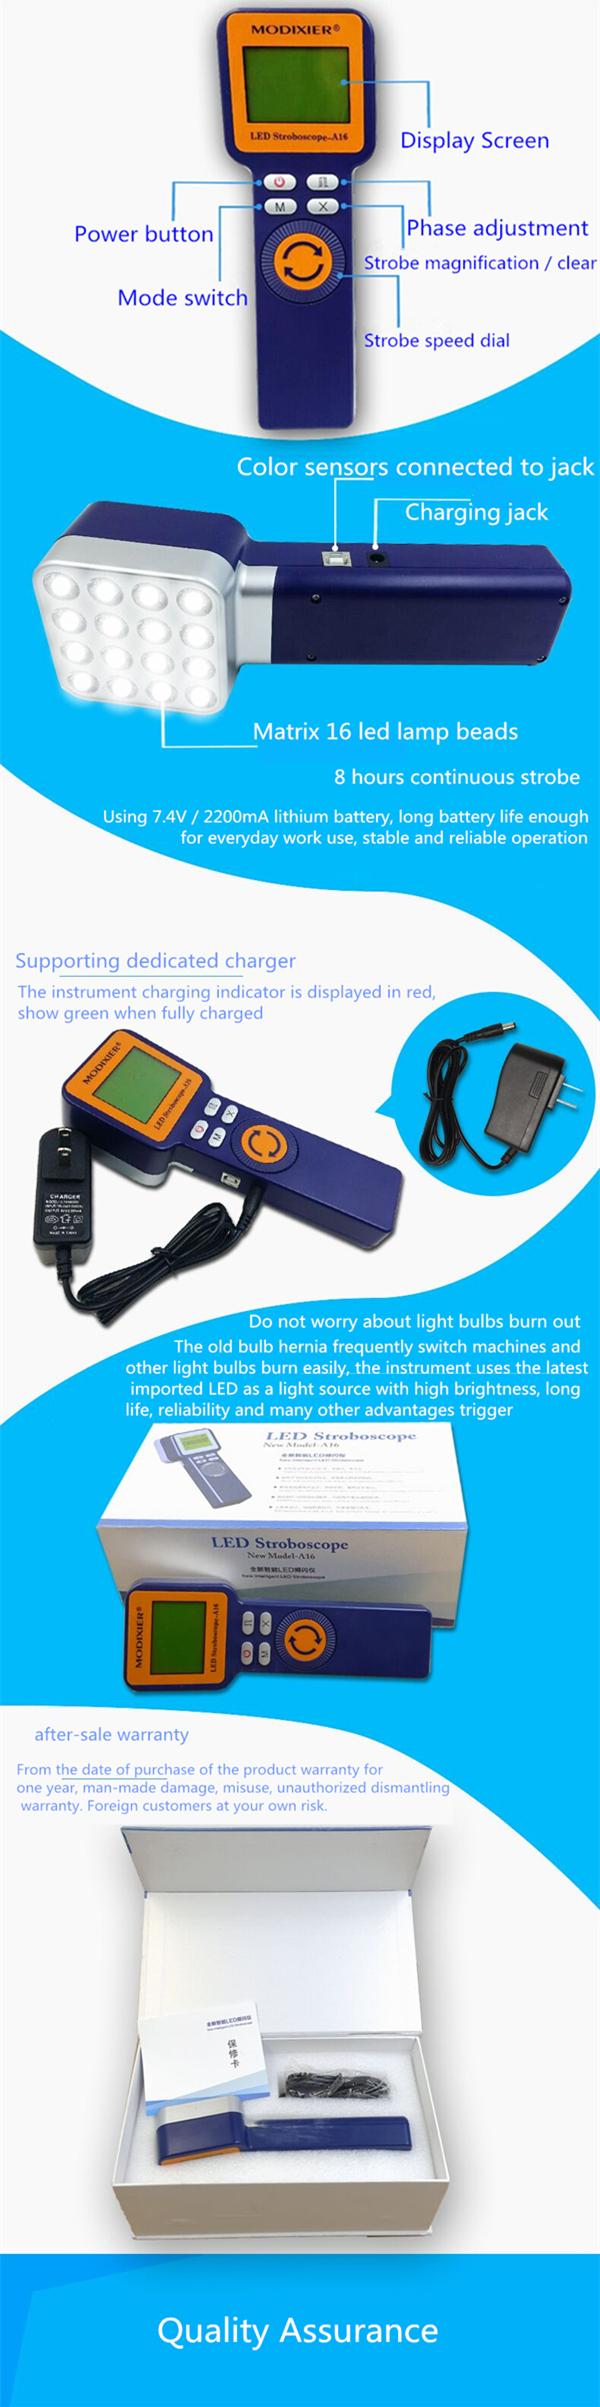 Long Life Strobe Lights Buy Led Lightstrobe Light Stroboscope Qq20160121184623 Qq2016012118623